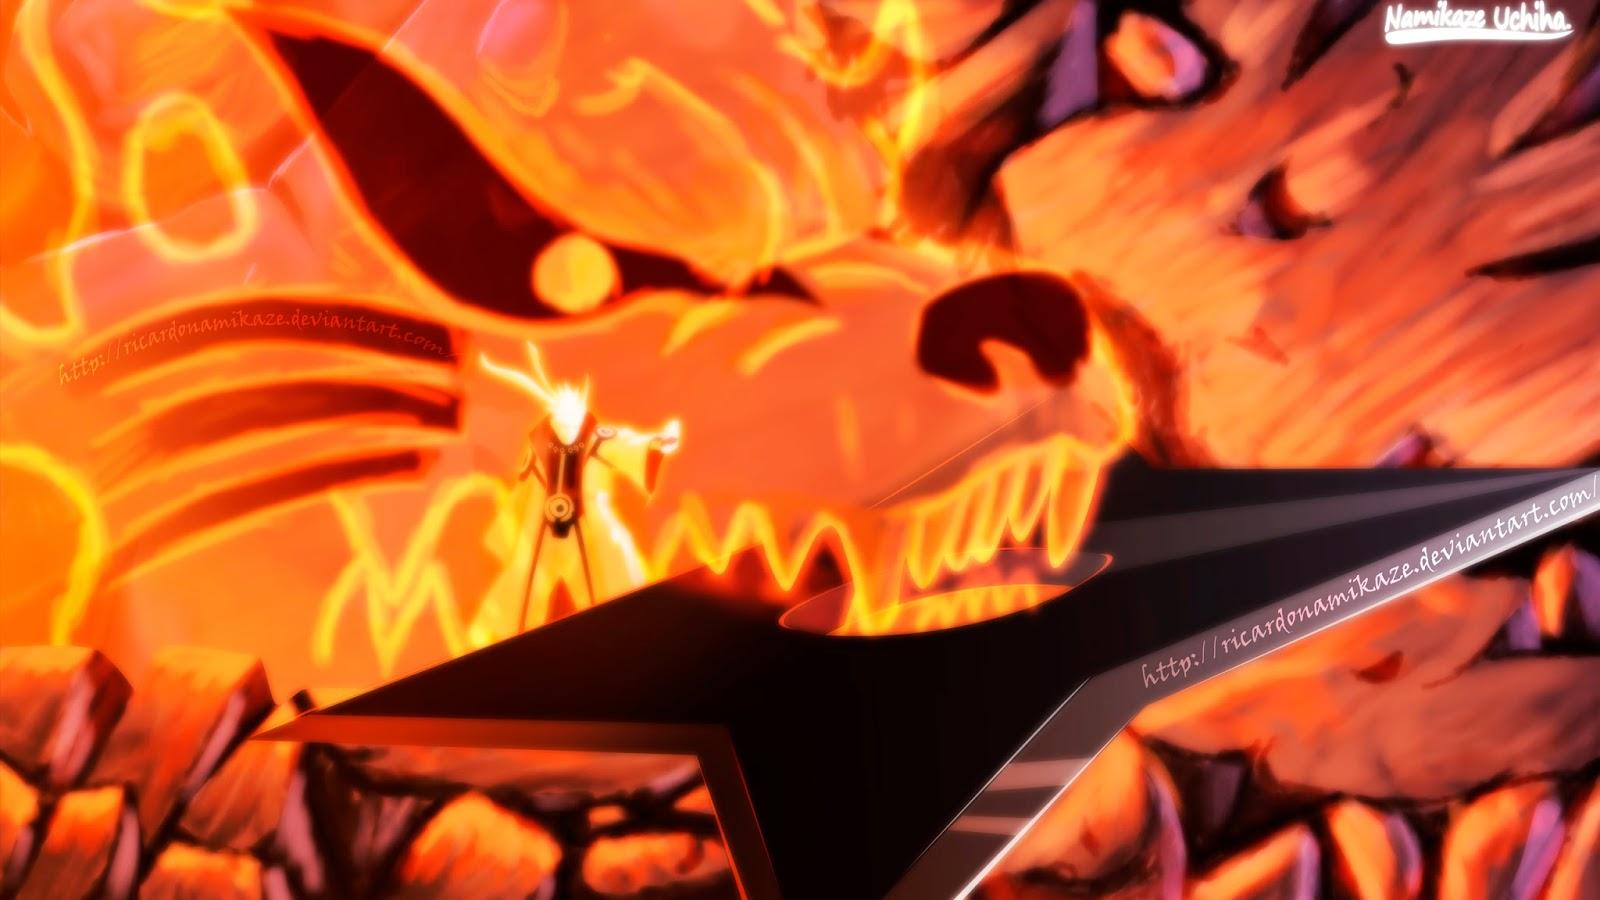 naruto uzumaki kyuubi cloak mode shuriken Shippuden Anime Wallpaper HD 1600x900